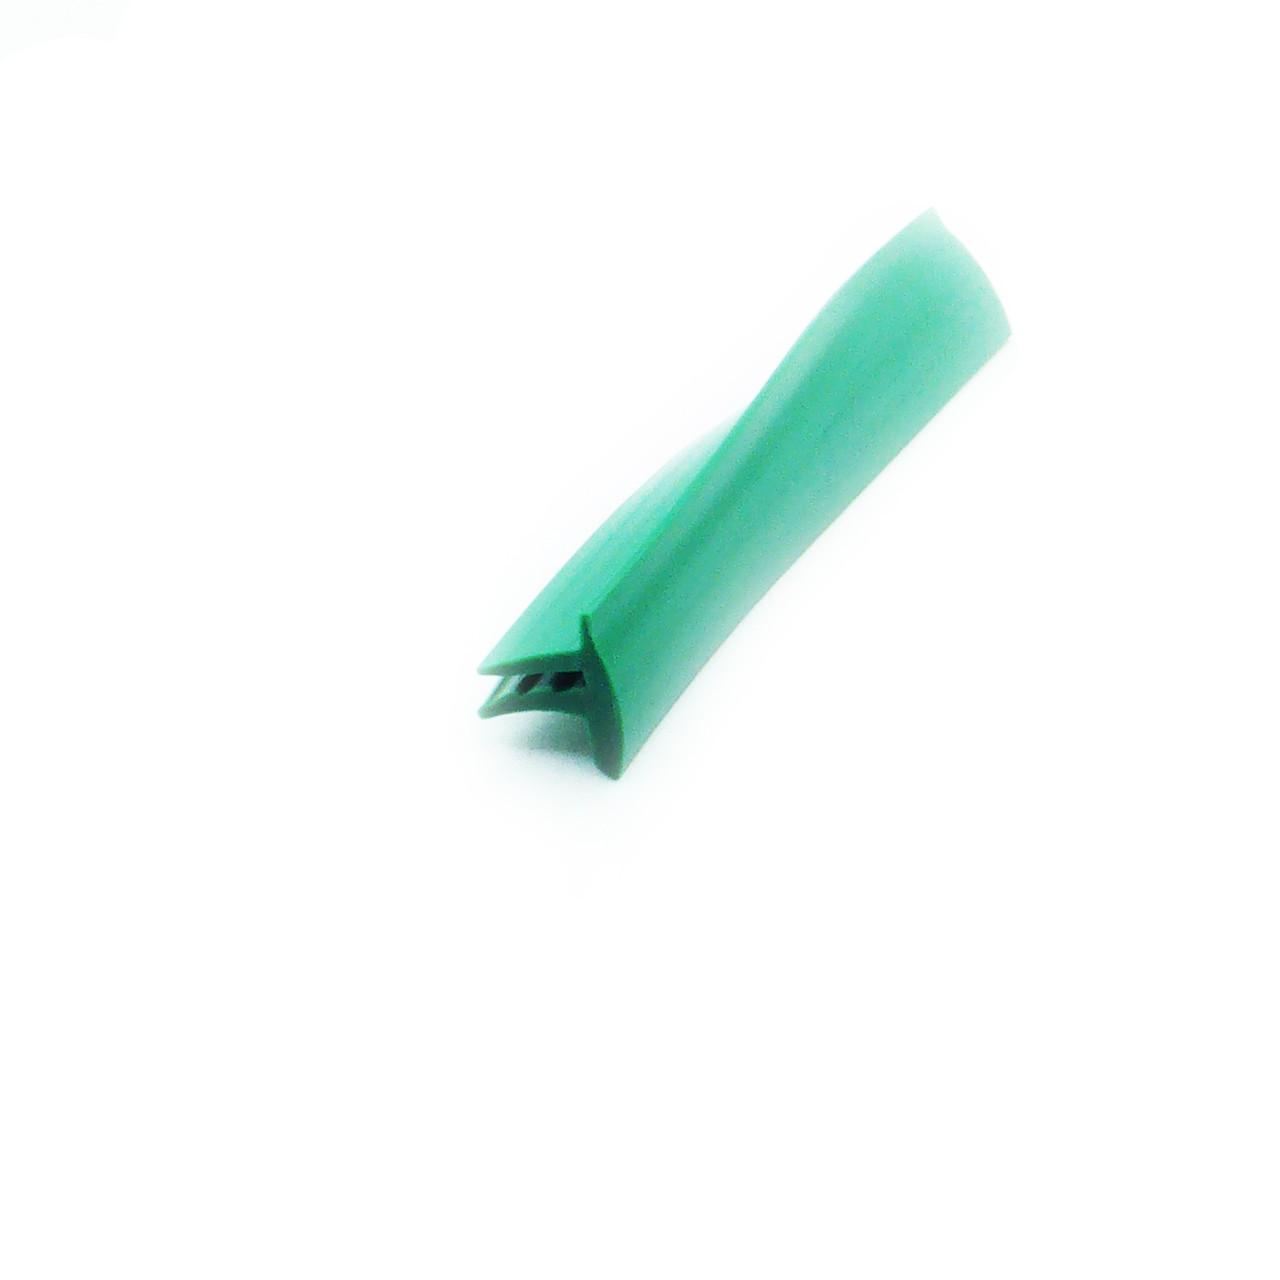 Вставка заглушка декоративная - L674. Широкая - 14 мм